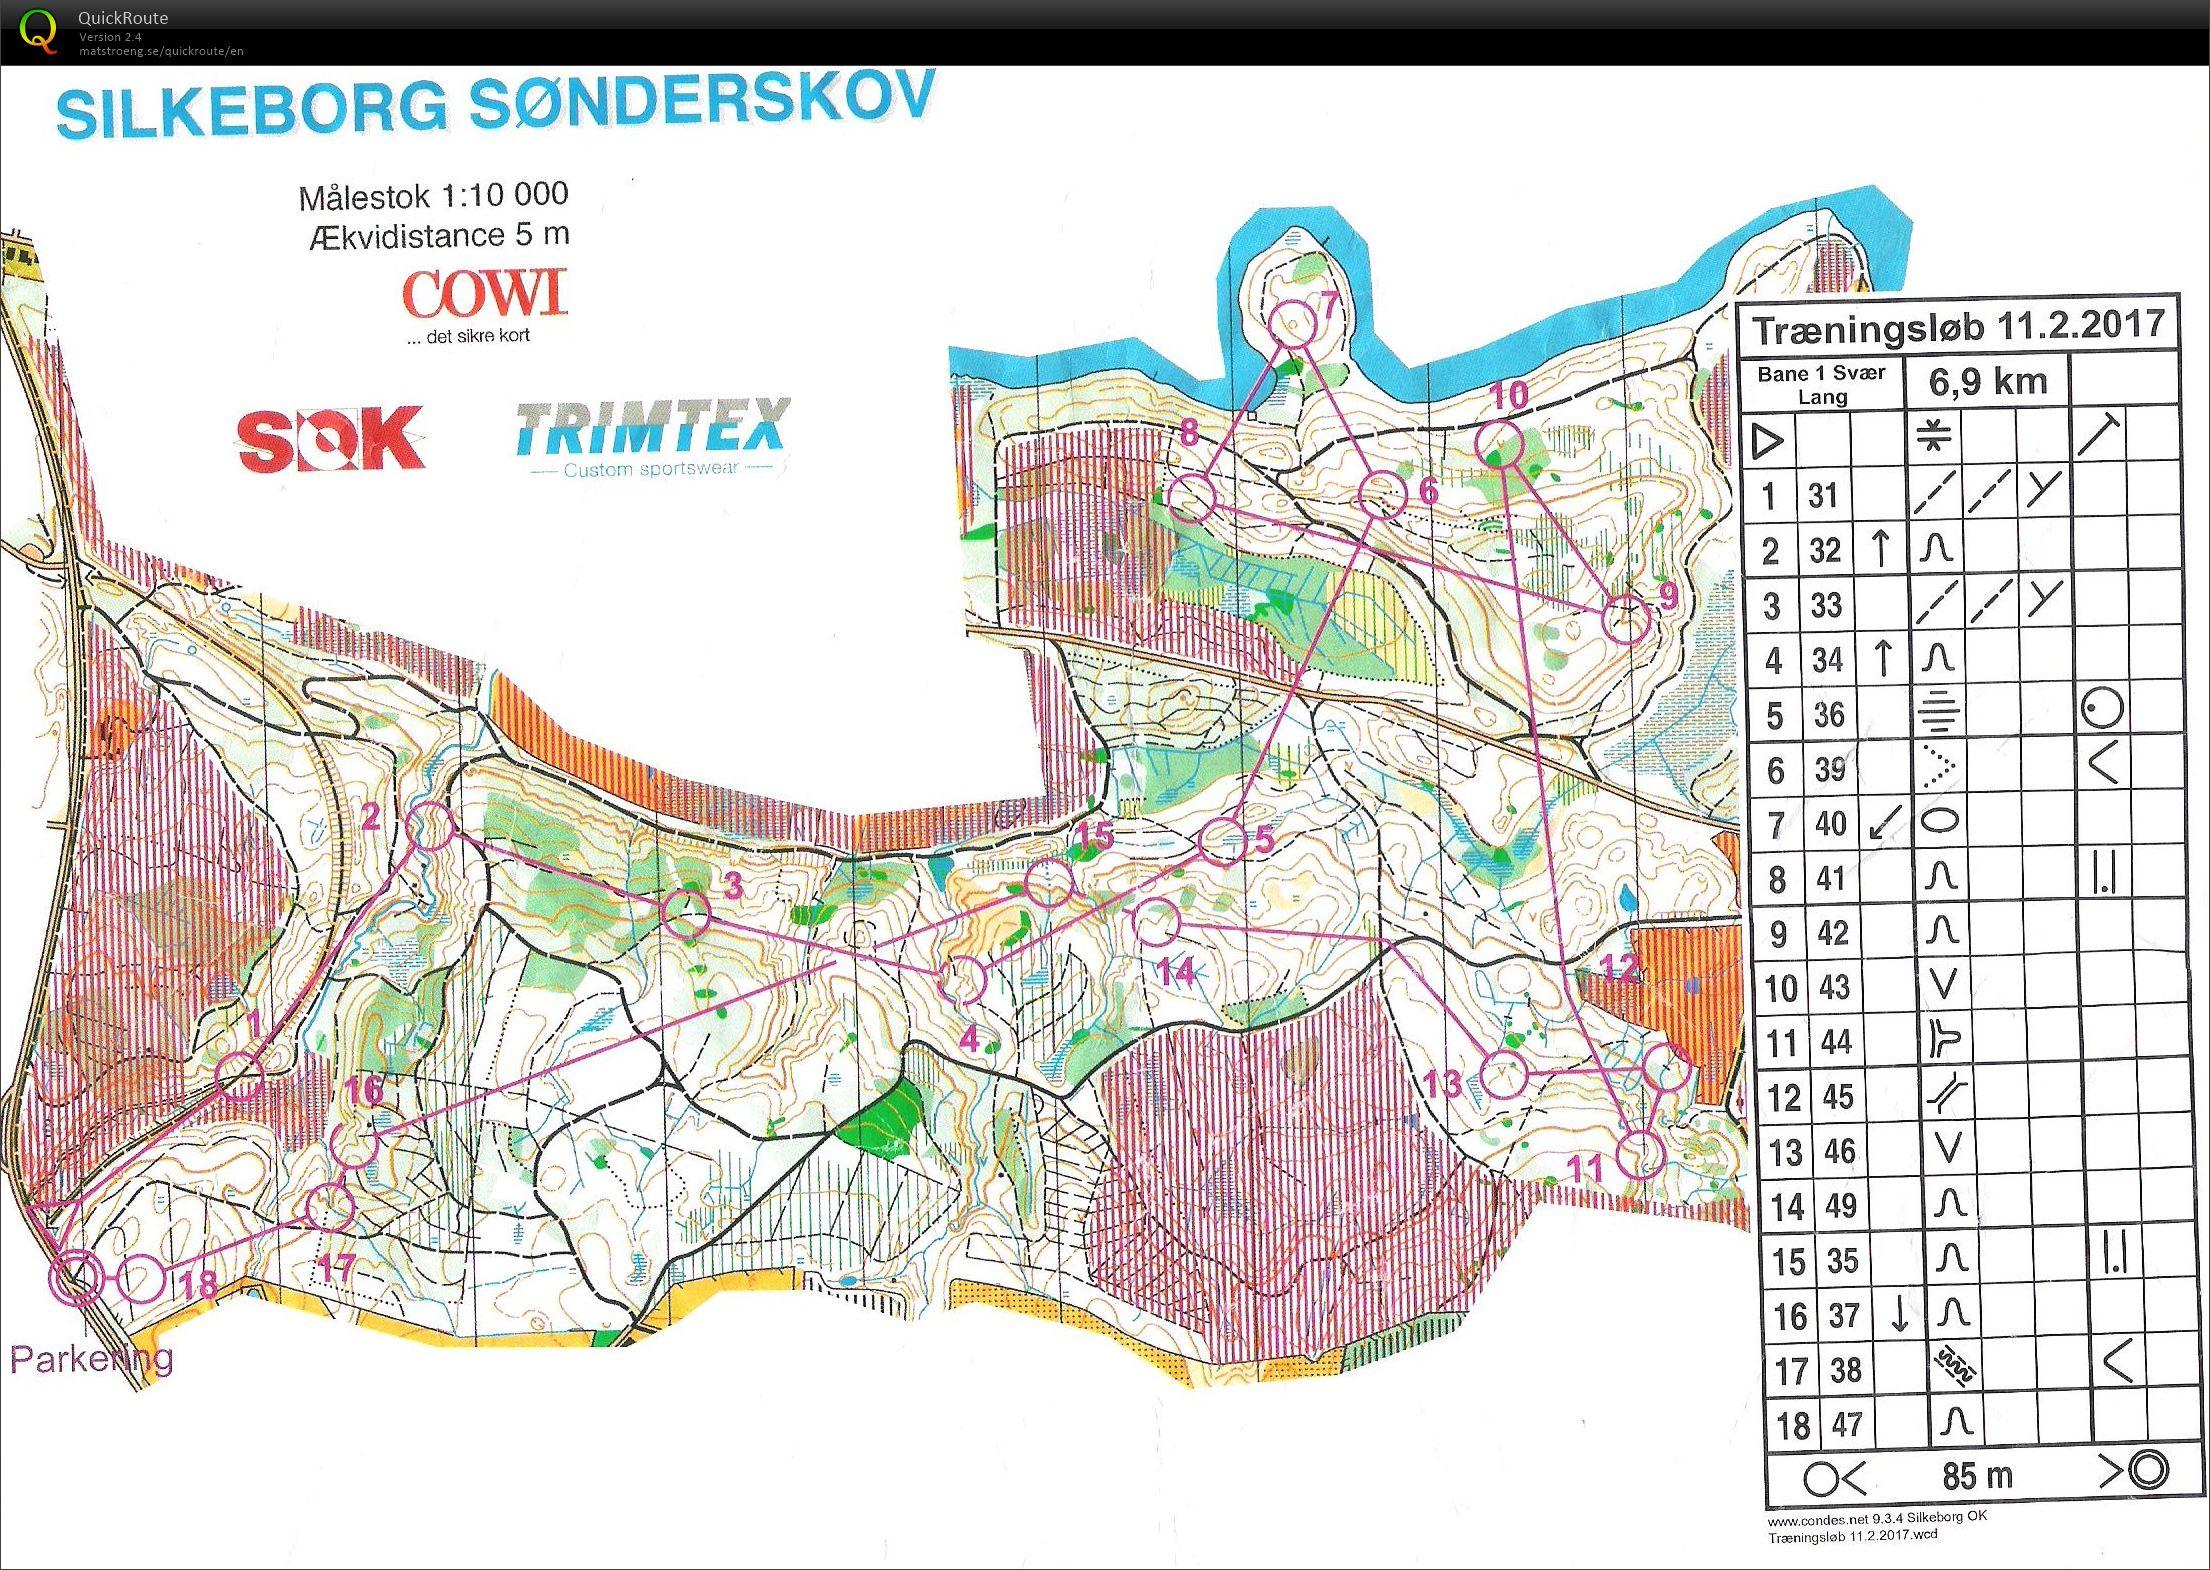 Silkeborg Sønderskov - Bane 1 - February 11th 2017 - Orienteering ...